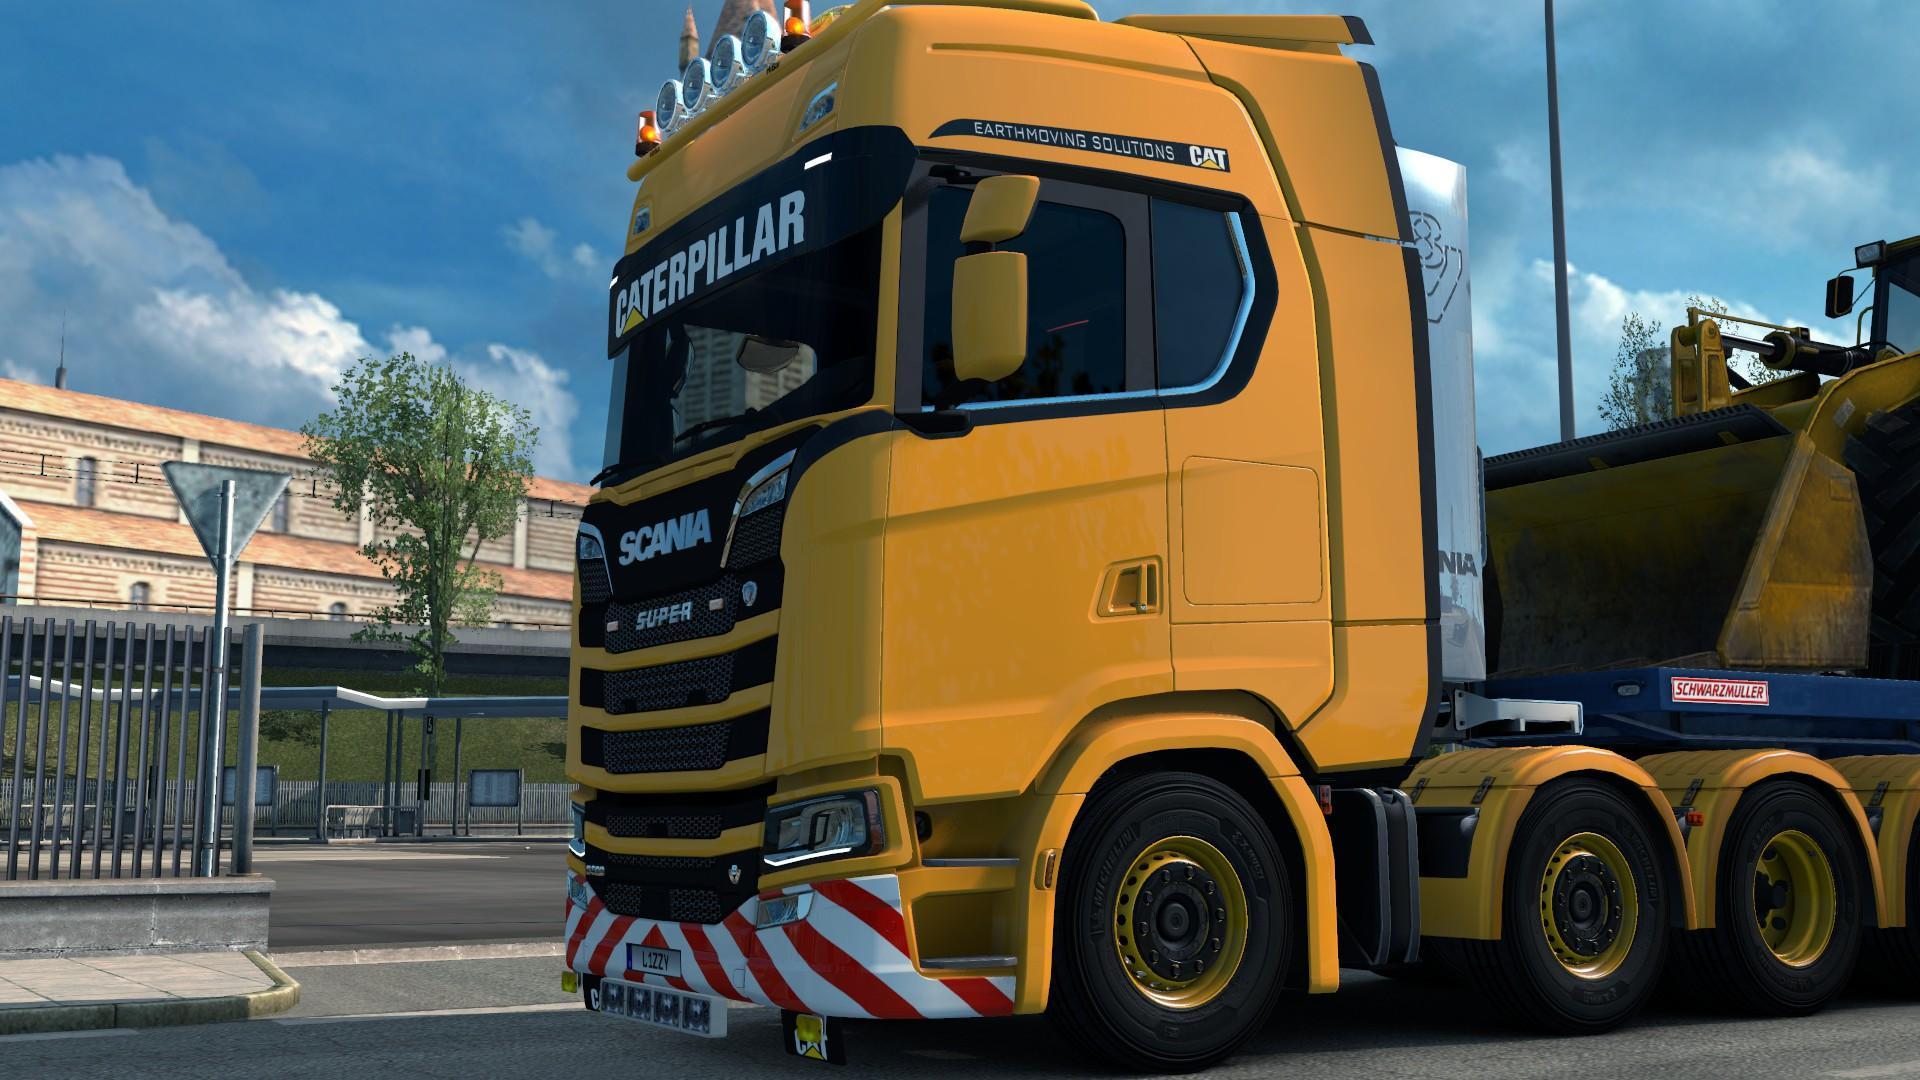 Euro truck simulator 2 o comeccedilo 1 - 4 2